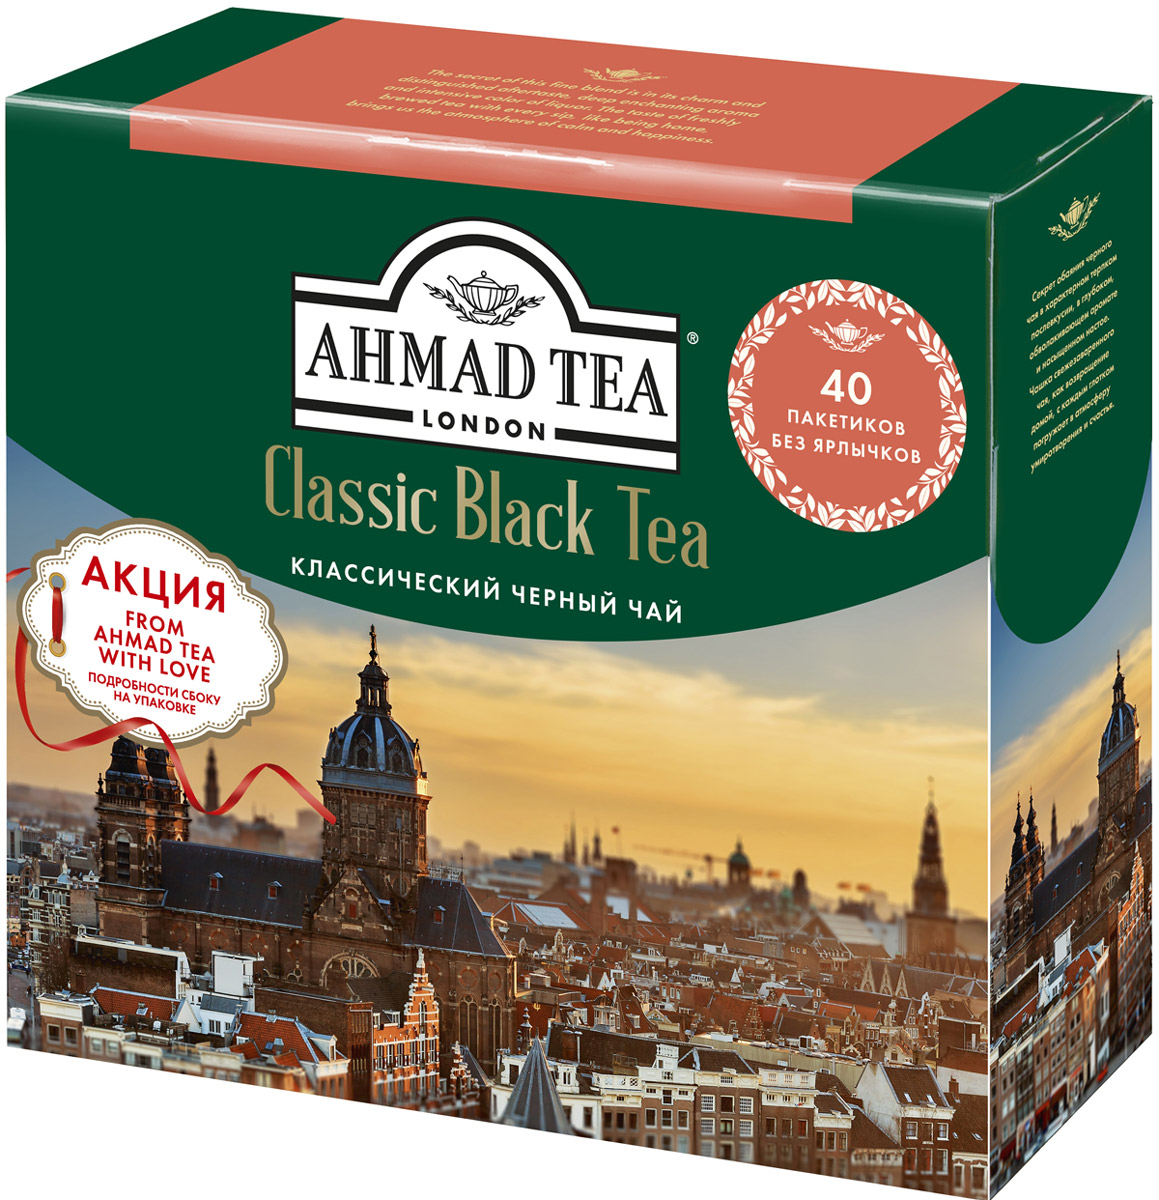 Ahmad Tea Классический черный чай в пакетиках, 40 шт101246Секрет обаяния классического черного чая Ahmad Tea - в характерном терпком послевкусии, в глубоком, обволакивающем аромате и насыщенном настое. Чашка свежезаваренного чая - как возвращение домой, с каждым глотком погружает в атмосферу умиротворения и счастья.Заваривать 3 - 5 минут, температура воды 100°С.